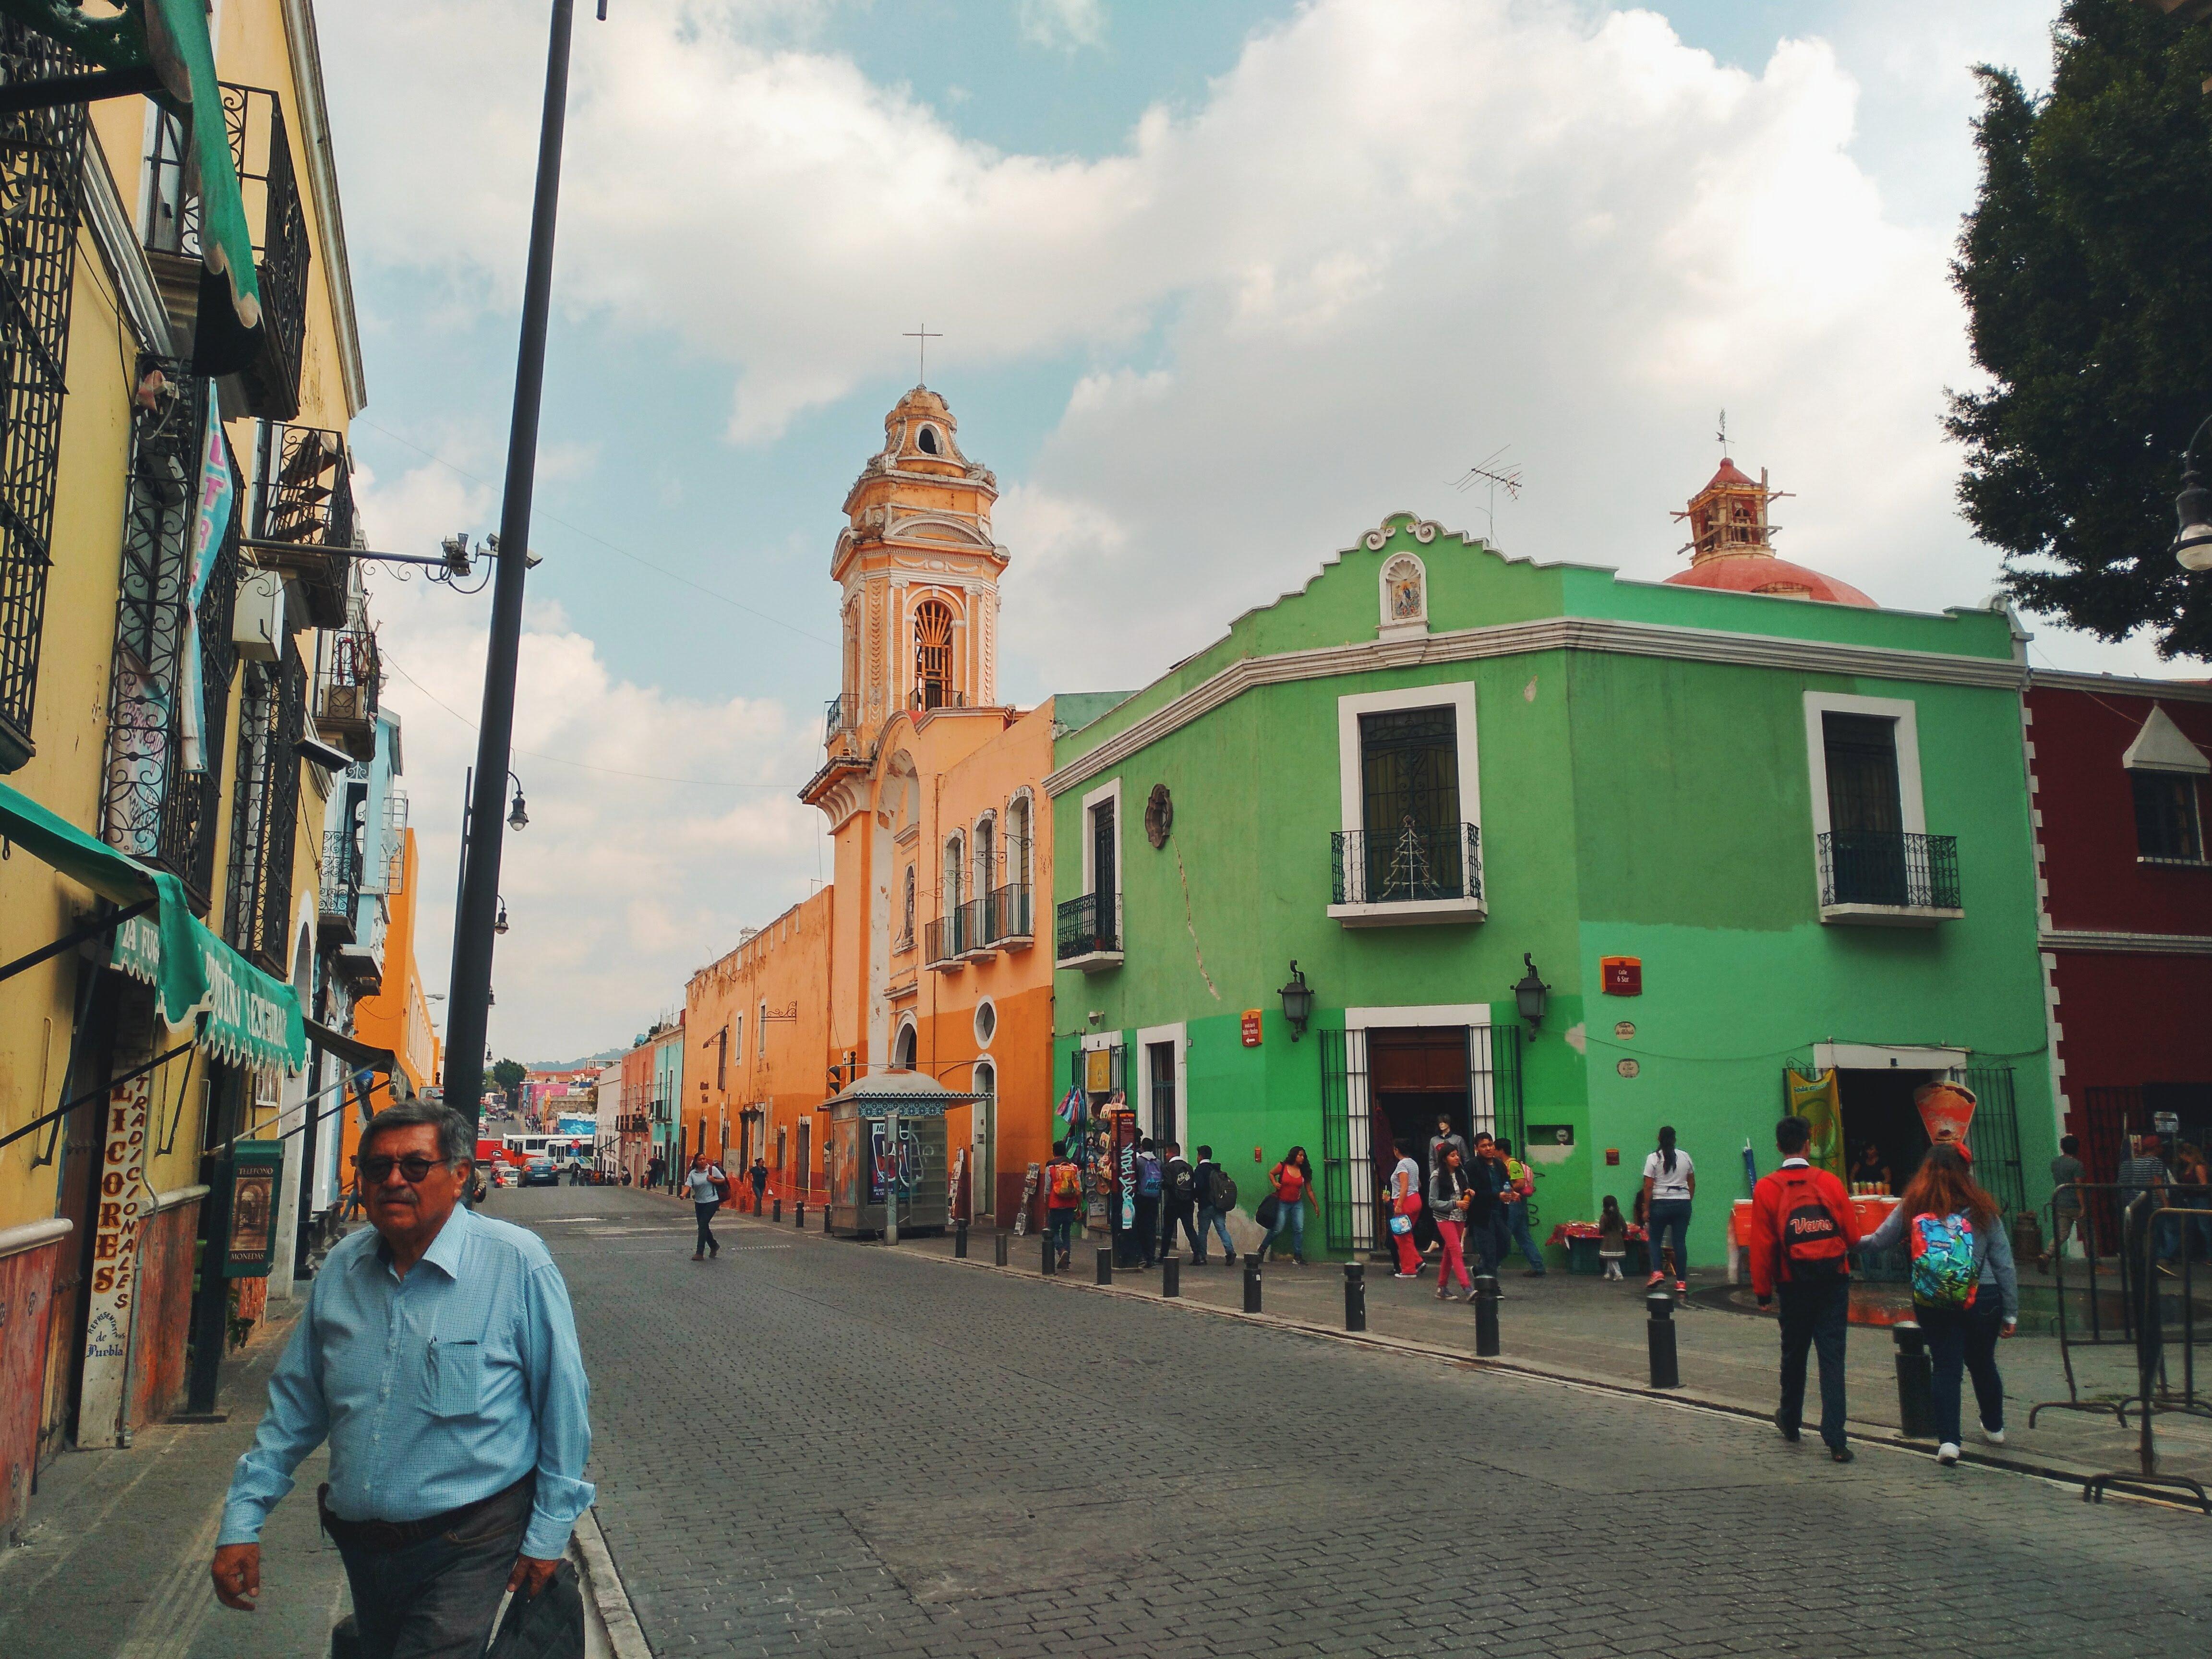 Visitar Puebla, Mexico: una ciudad colorida y alegre -